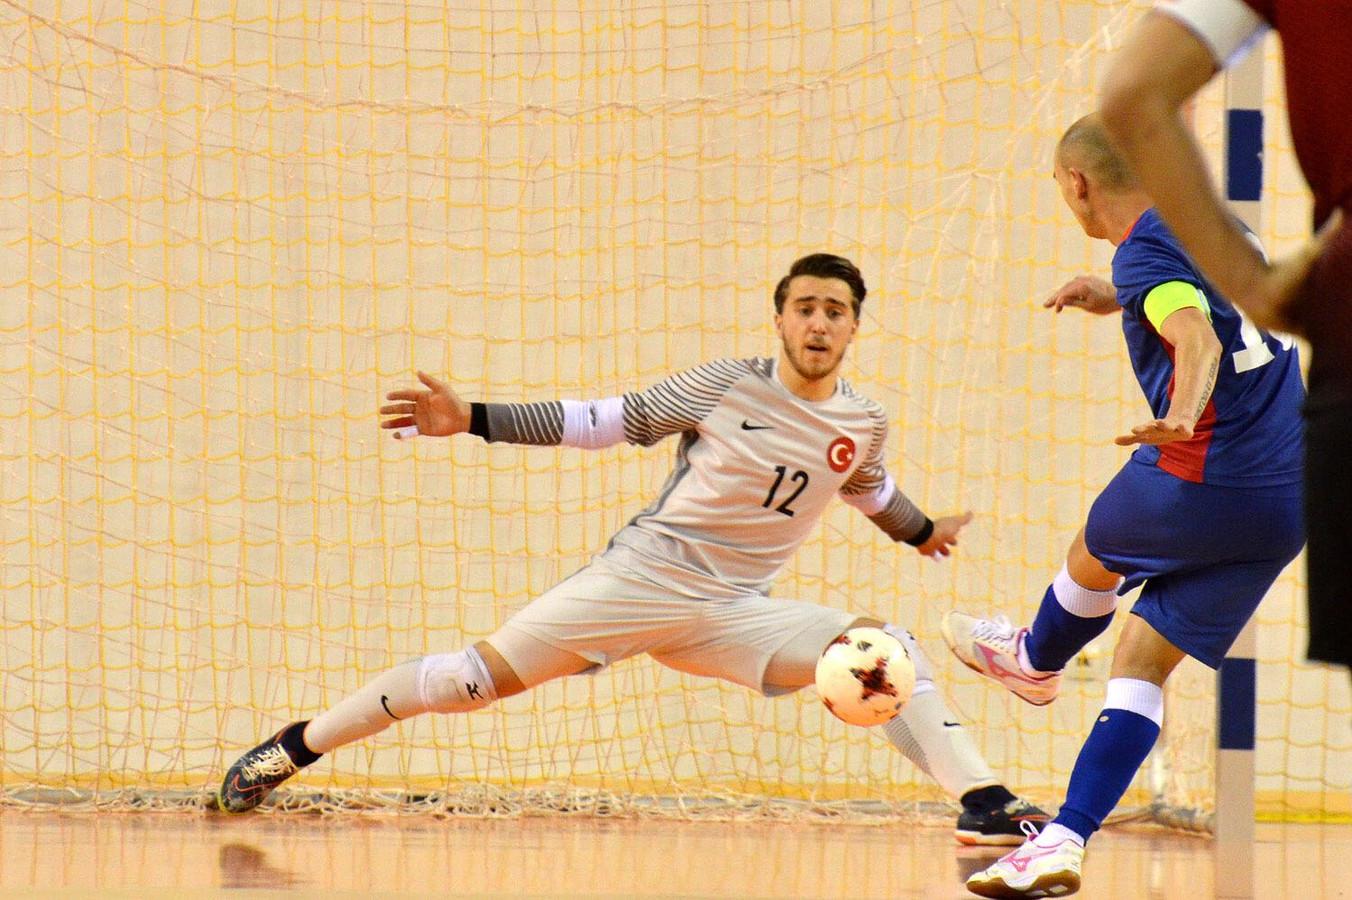 Zaalvoetbalkeeper Alpay Yuzgec in actie namens Turkije.